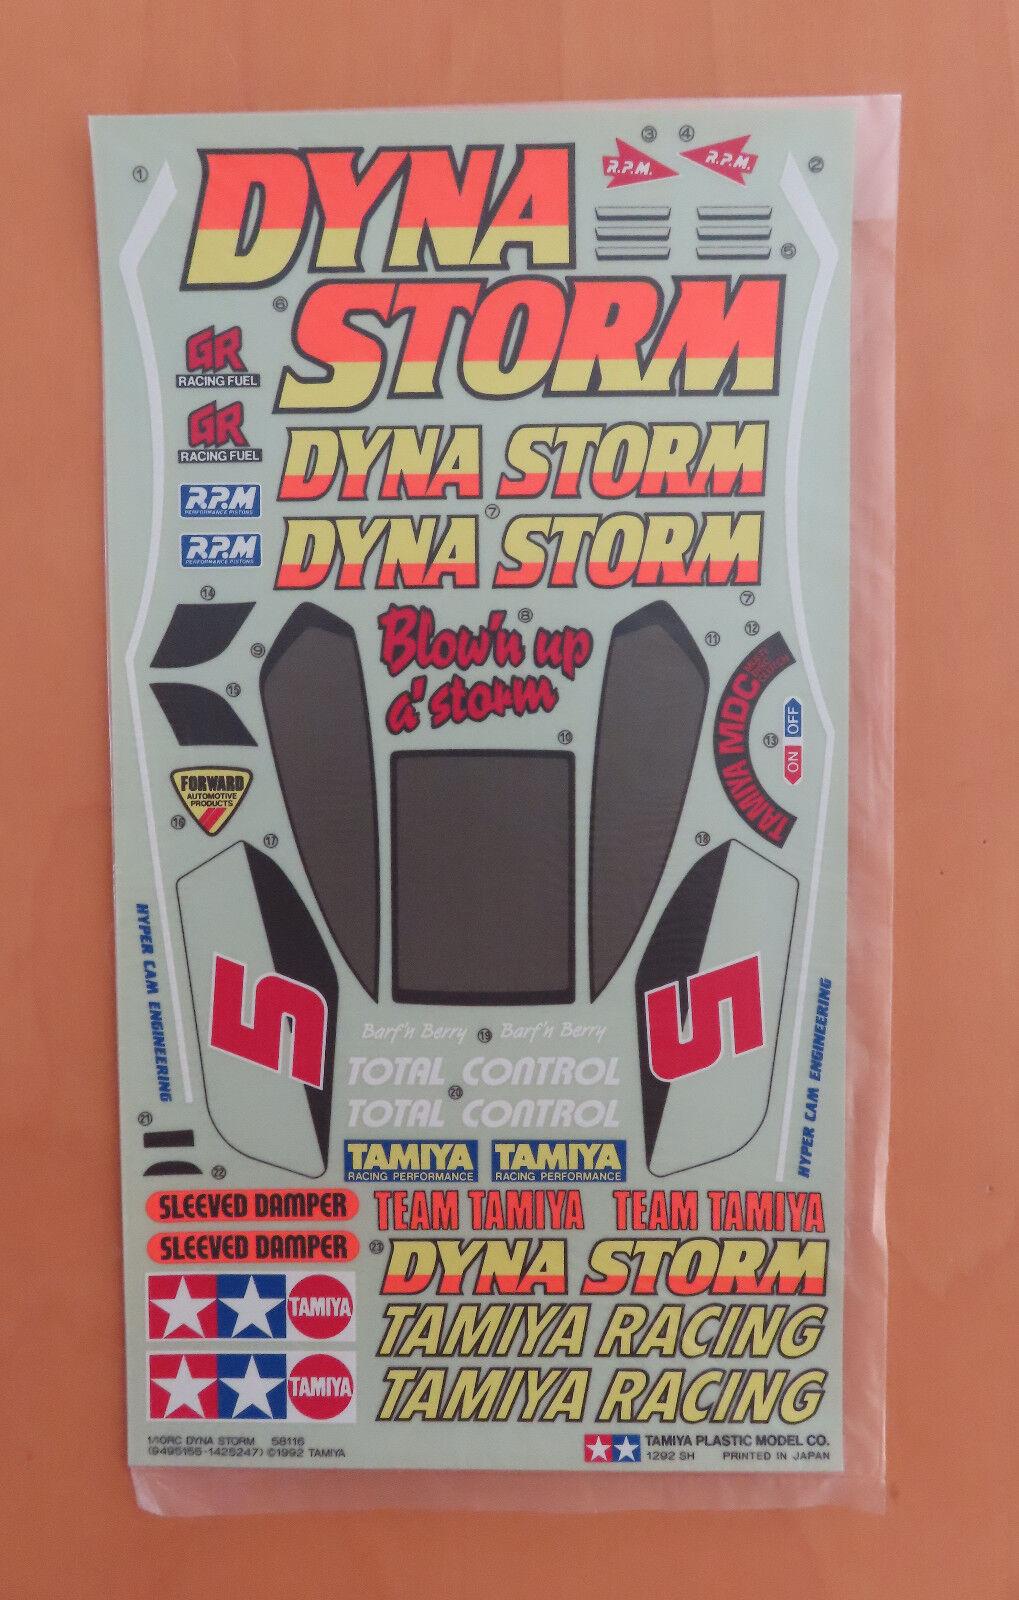 Radio Control Tamiya Calcomanía Dyna Storm 58116 NEU NUEVO en Caja 1992